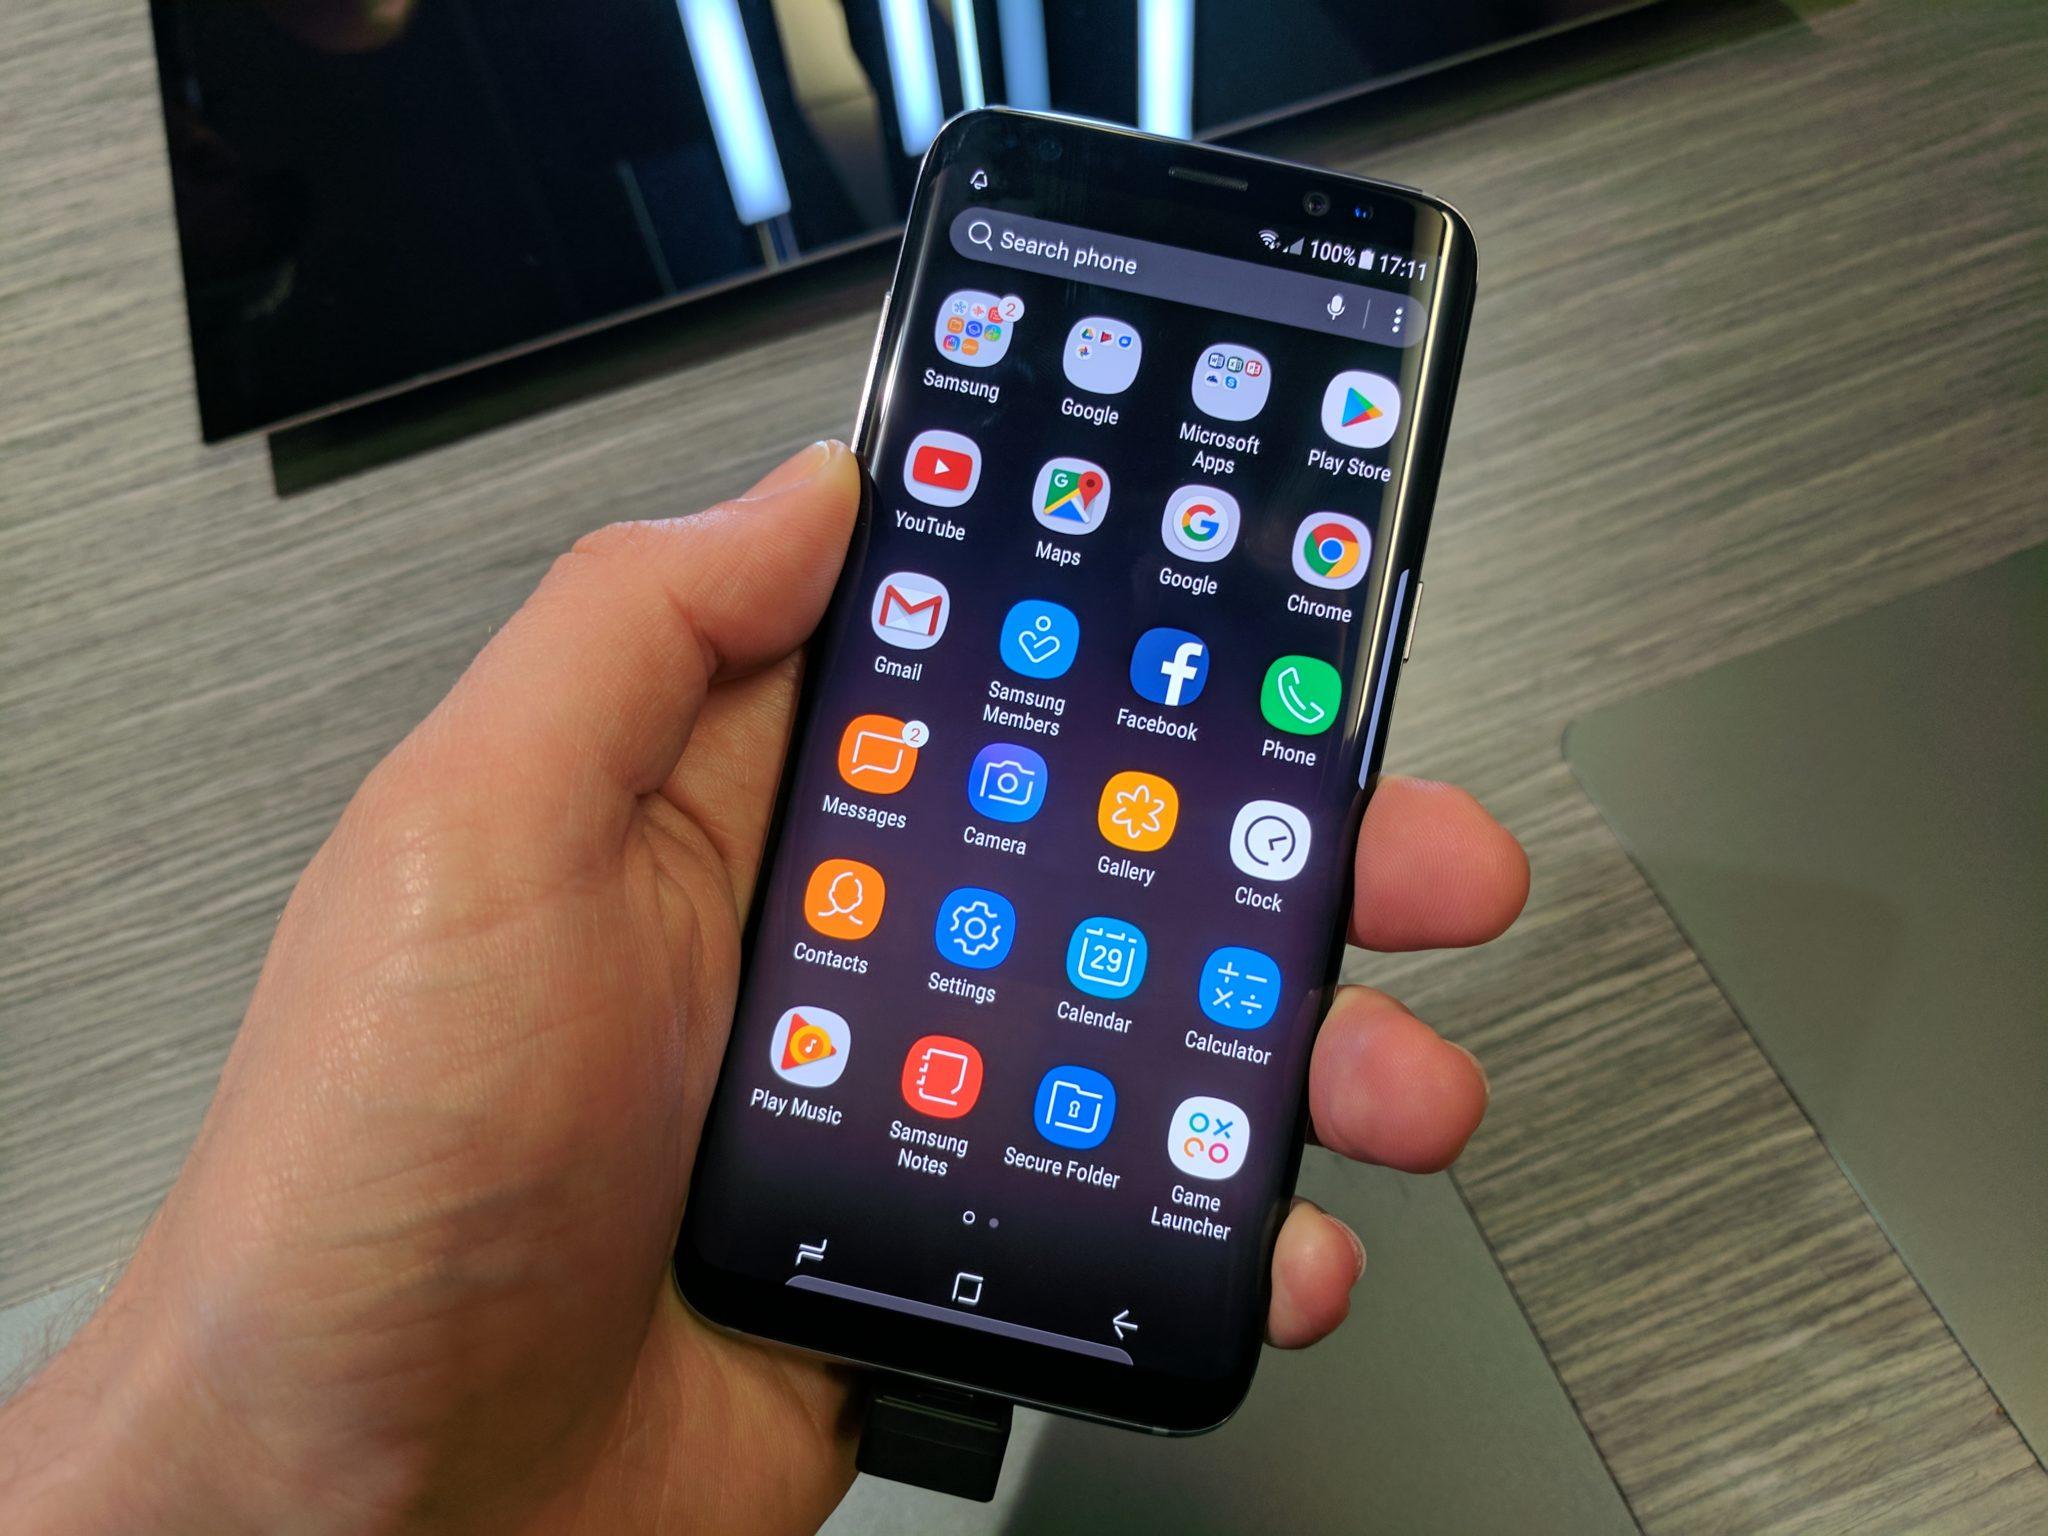 Пользователи не могут удалить приложение Facebook со смартфонов Samsung